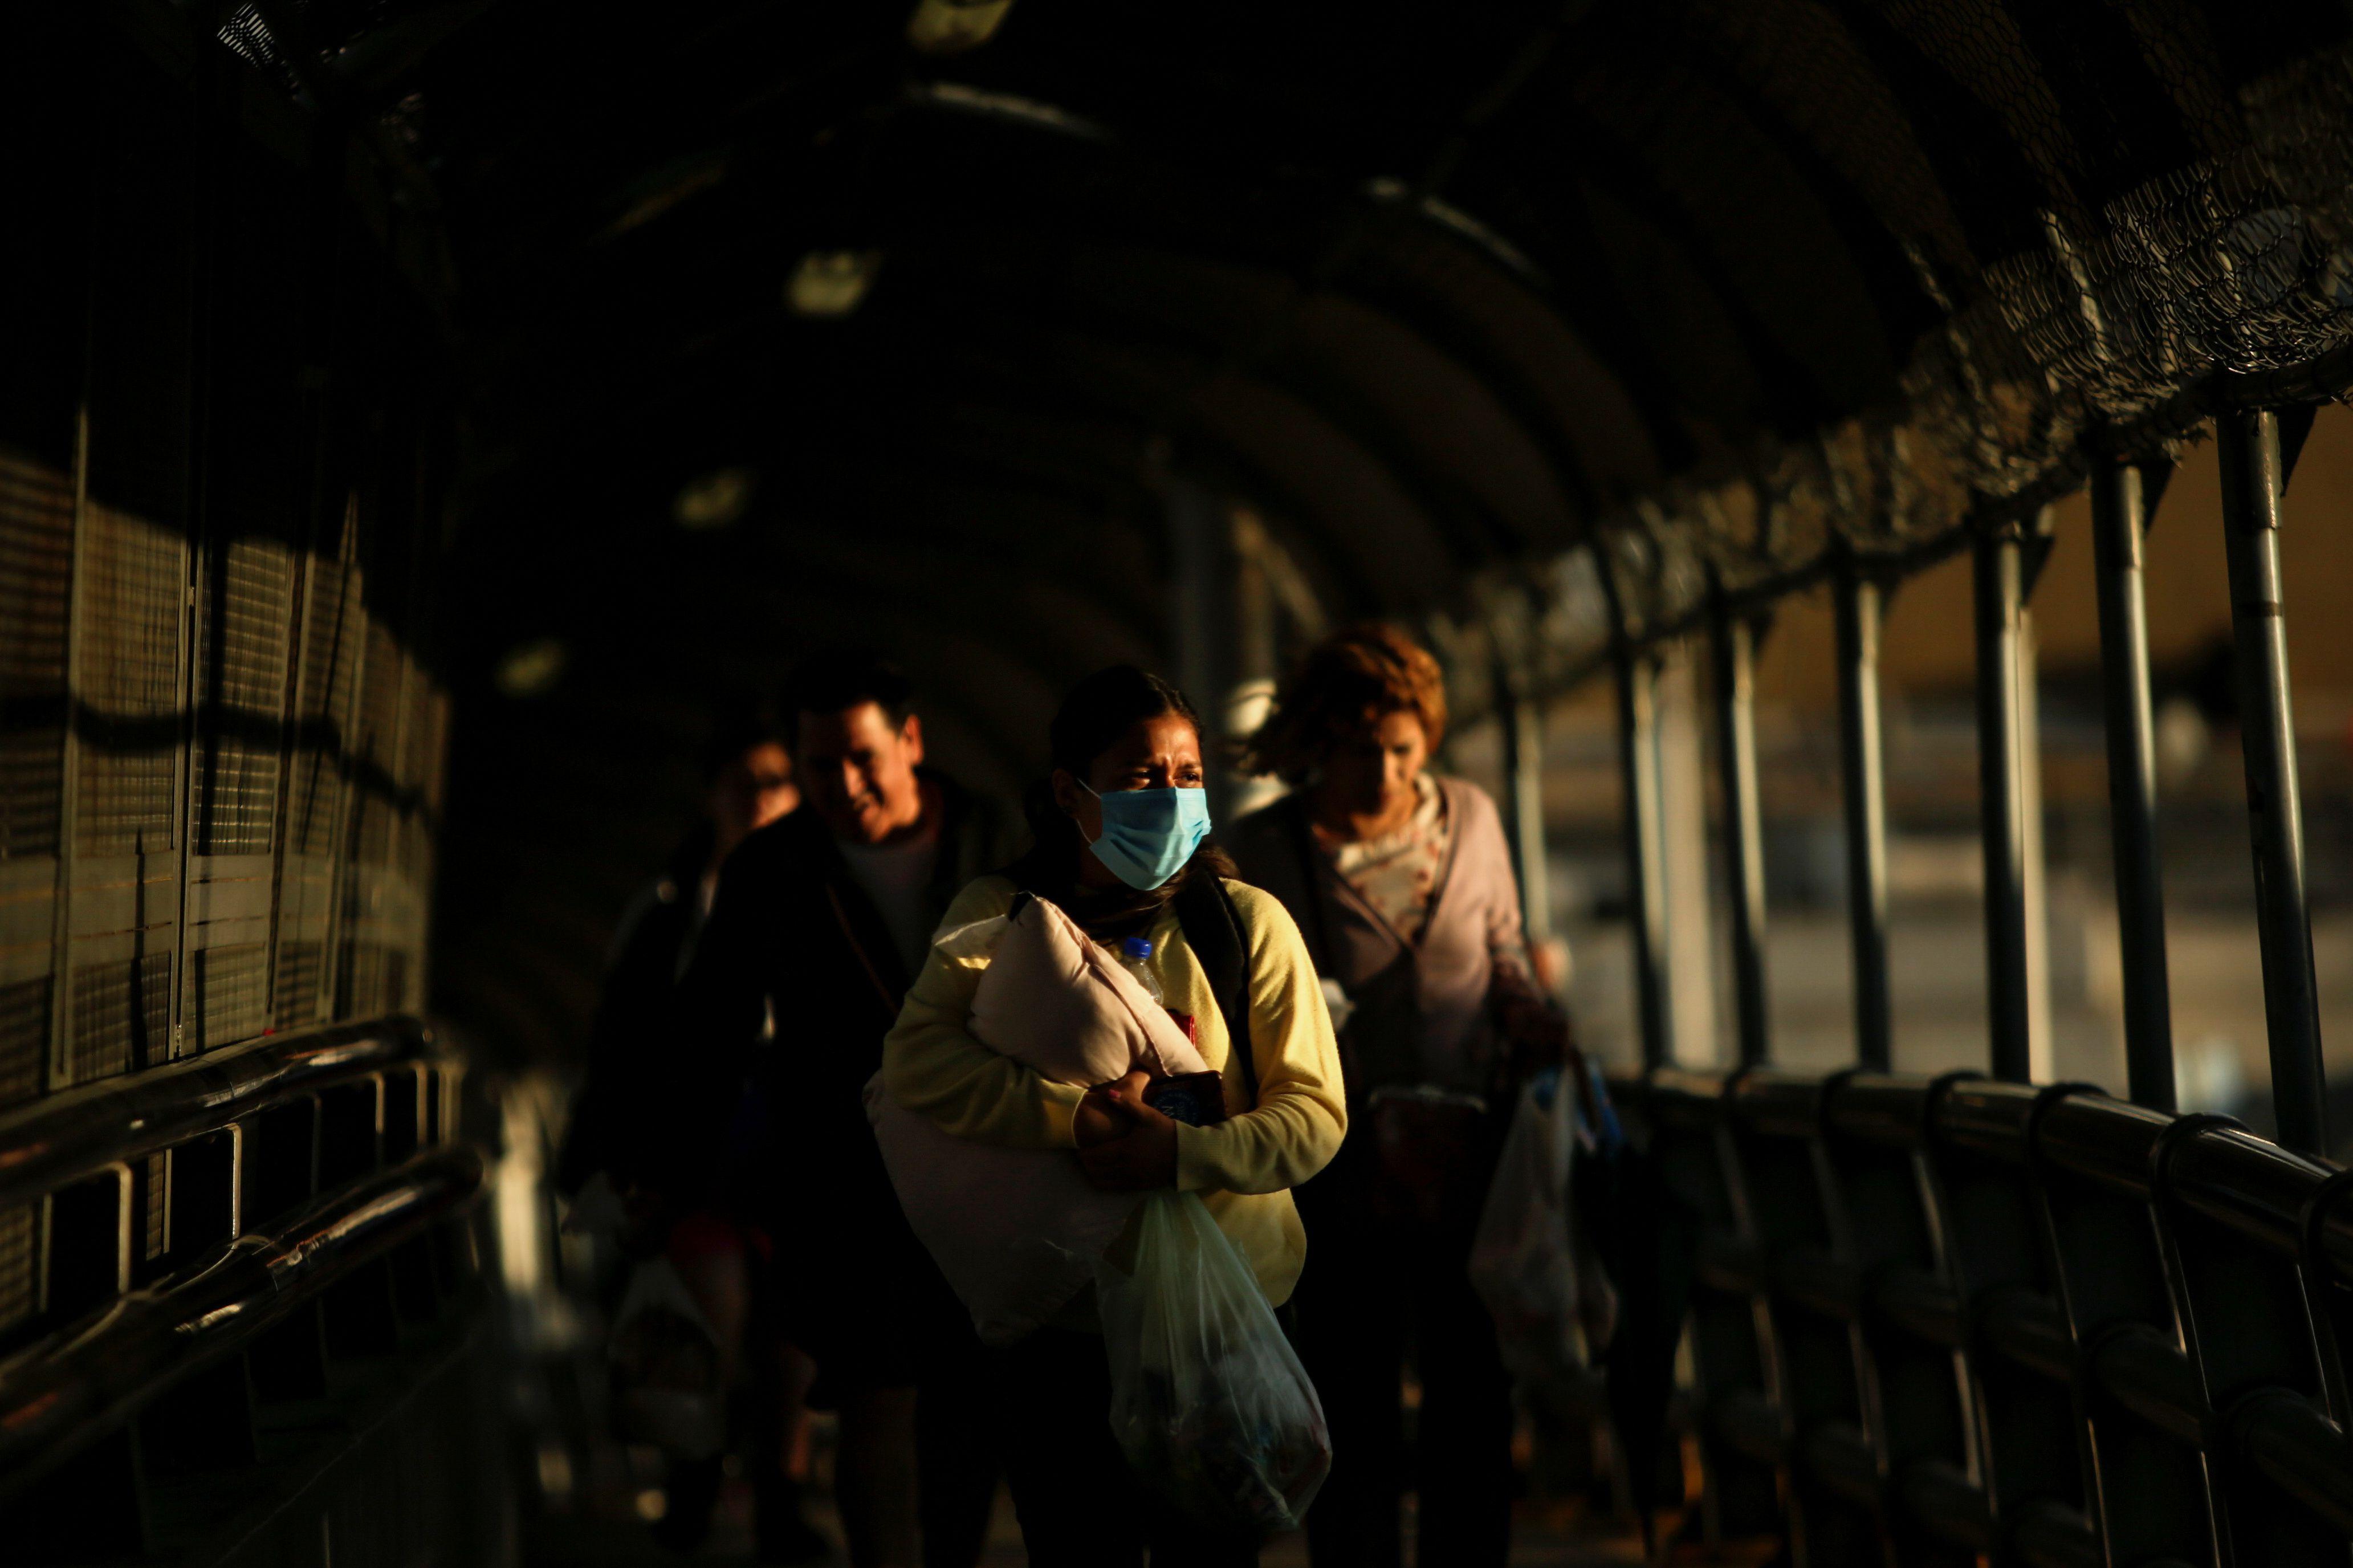 Mujer en Ciudad Juárez utiliza un cubrebocas como medida de precaución (Foto: Reuters / José Luis González)